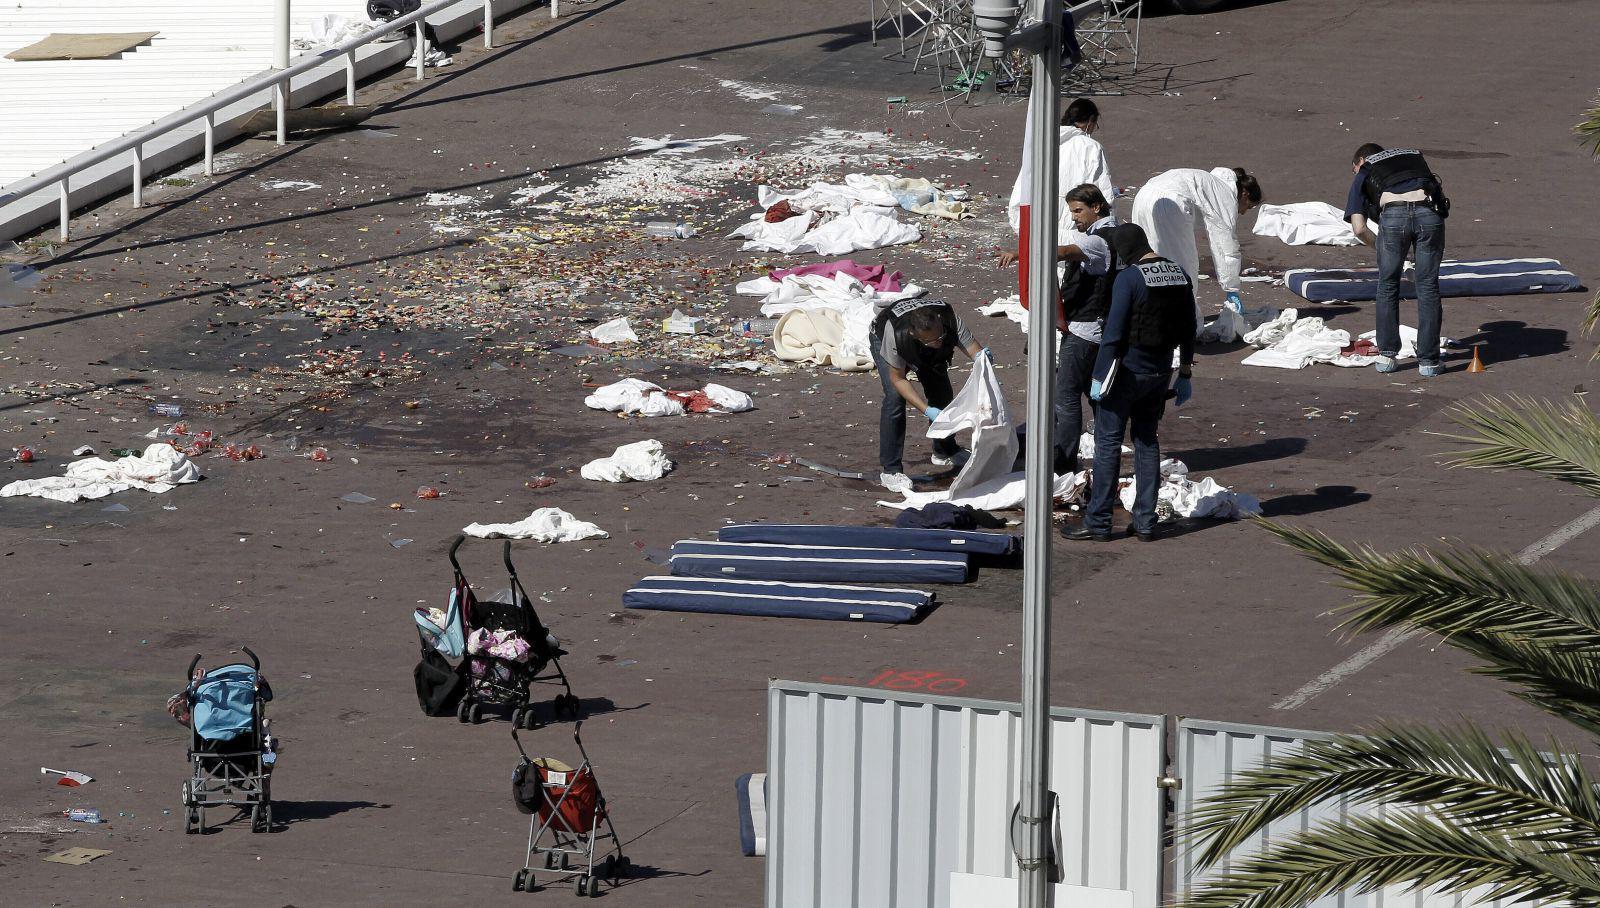 Nizza dopo l'attentato del 14 luglio 2016 (fonte immagine: ilfoglio.it)